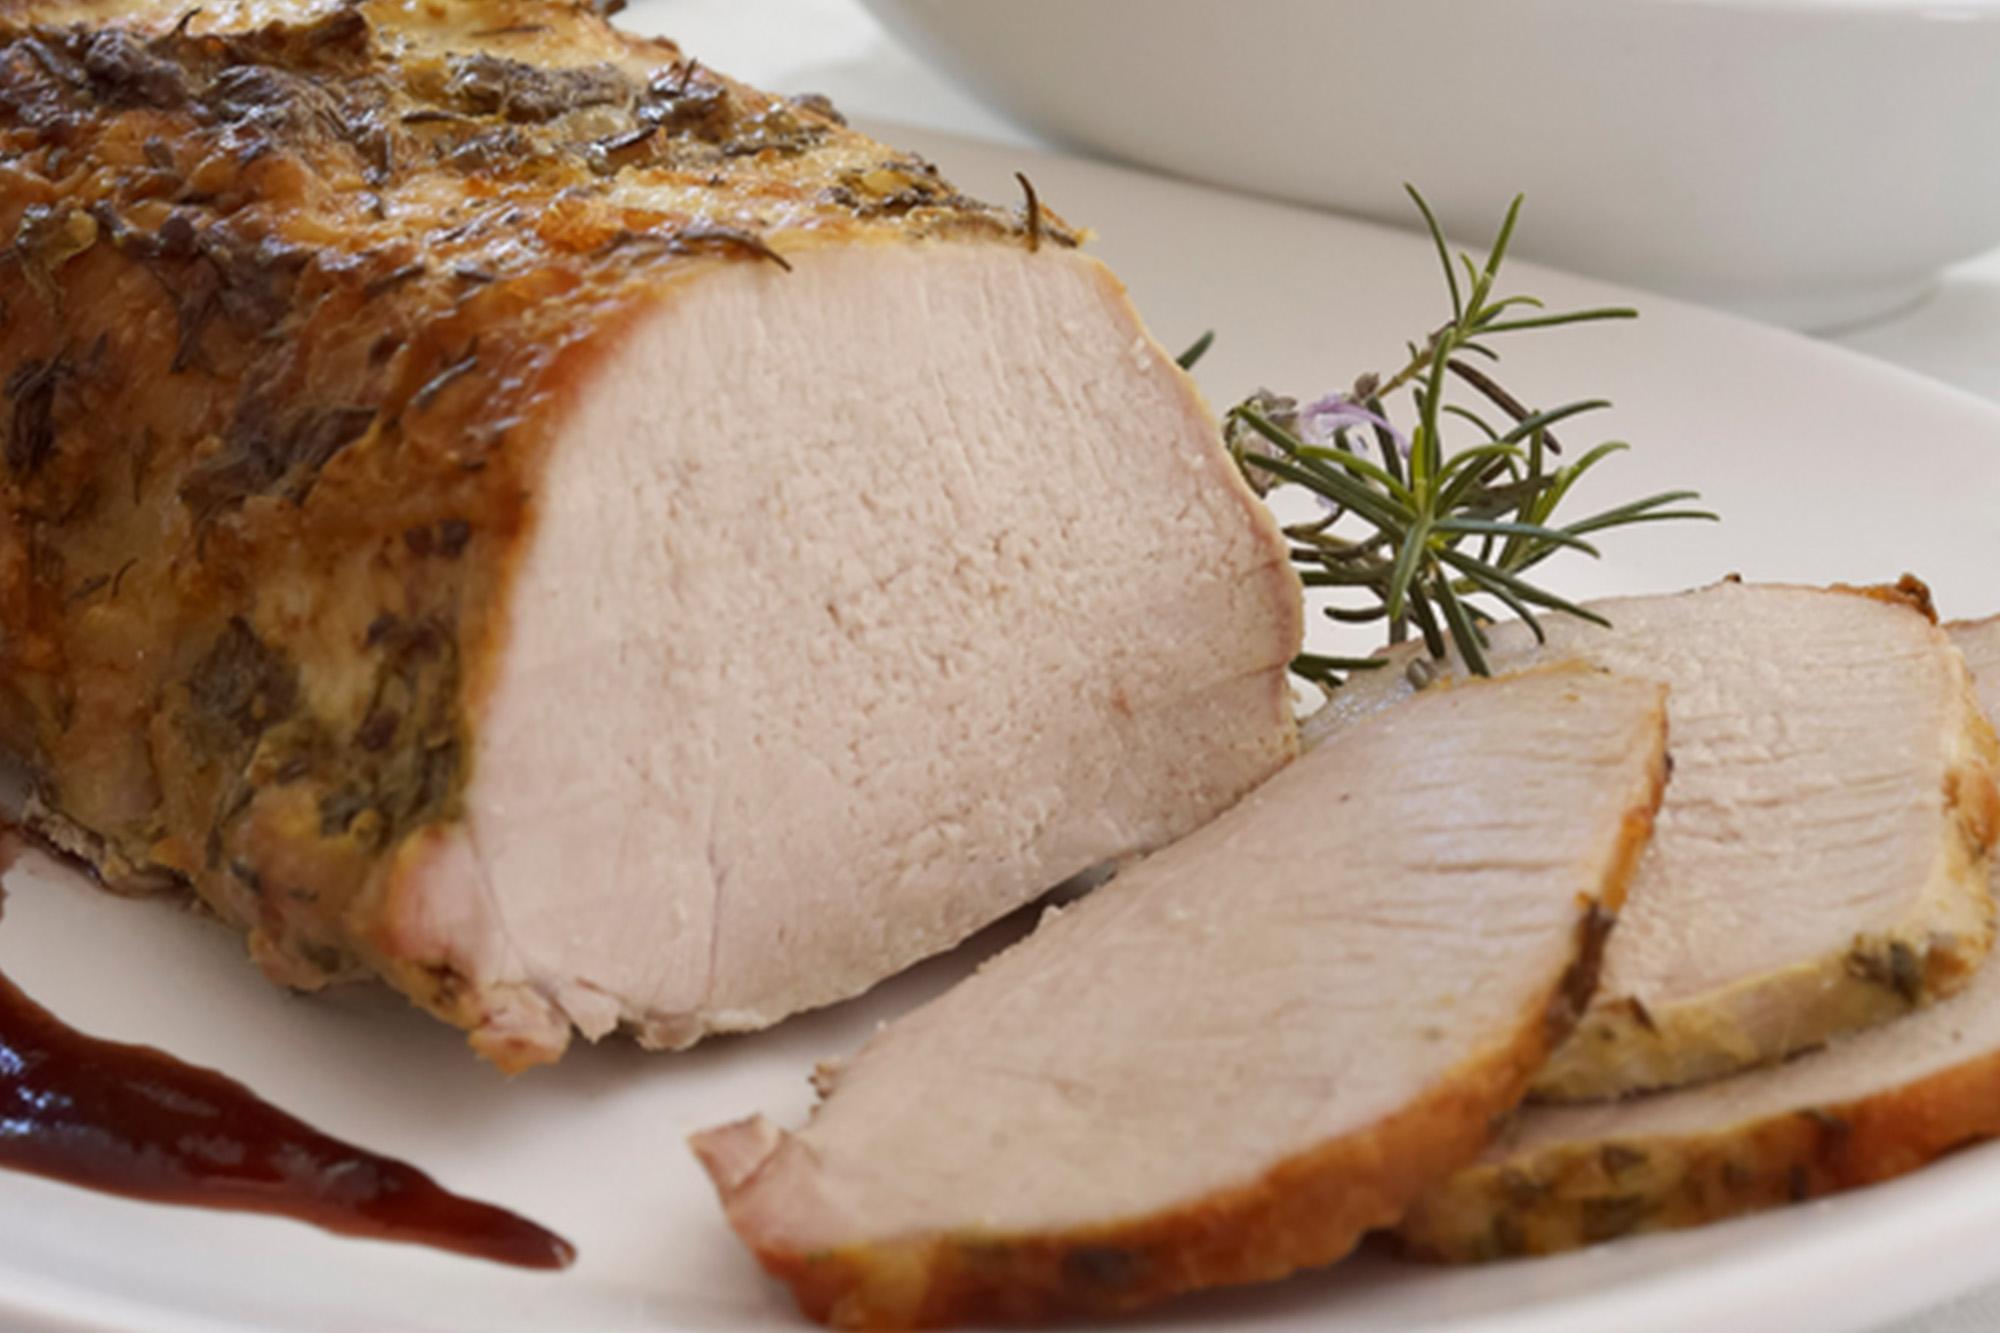 Carre de cerdo al horno